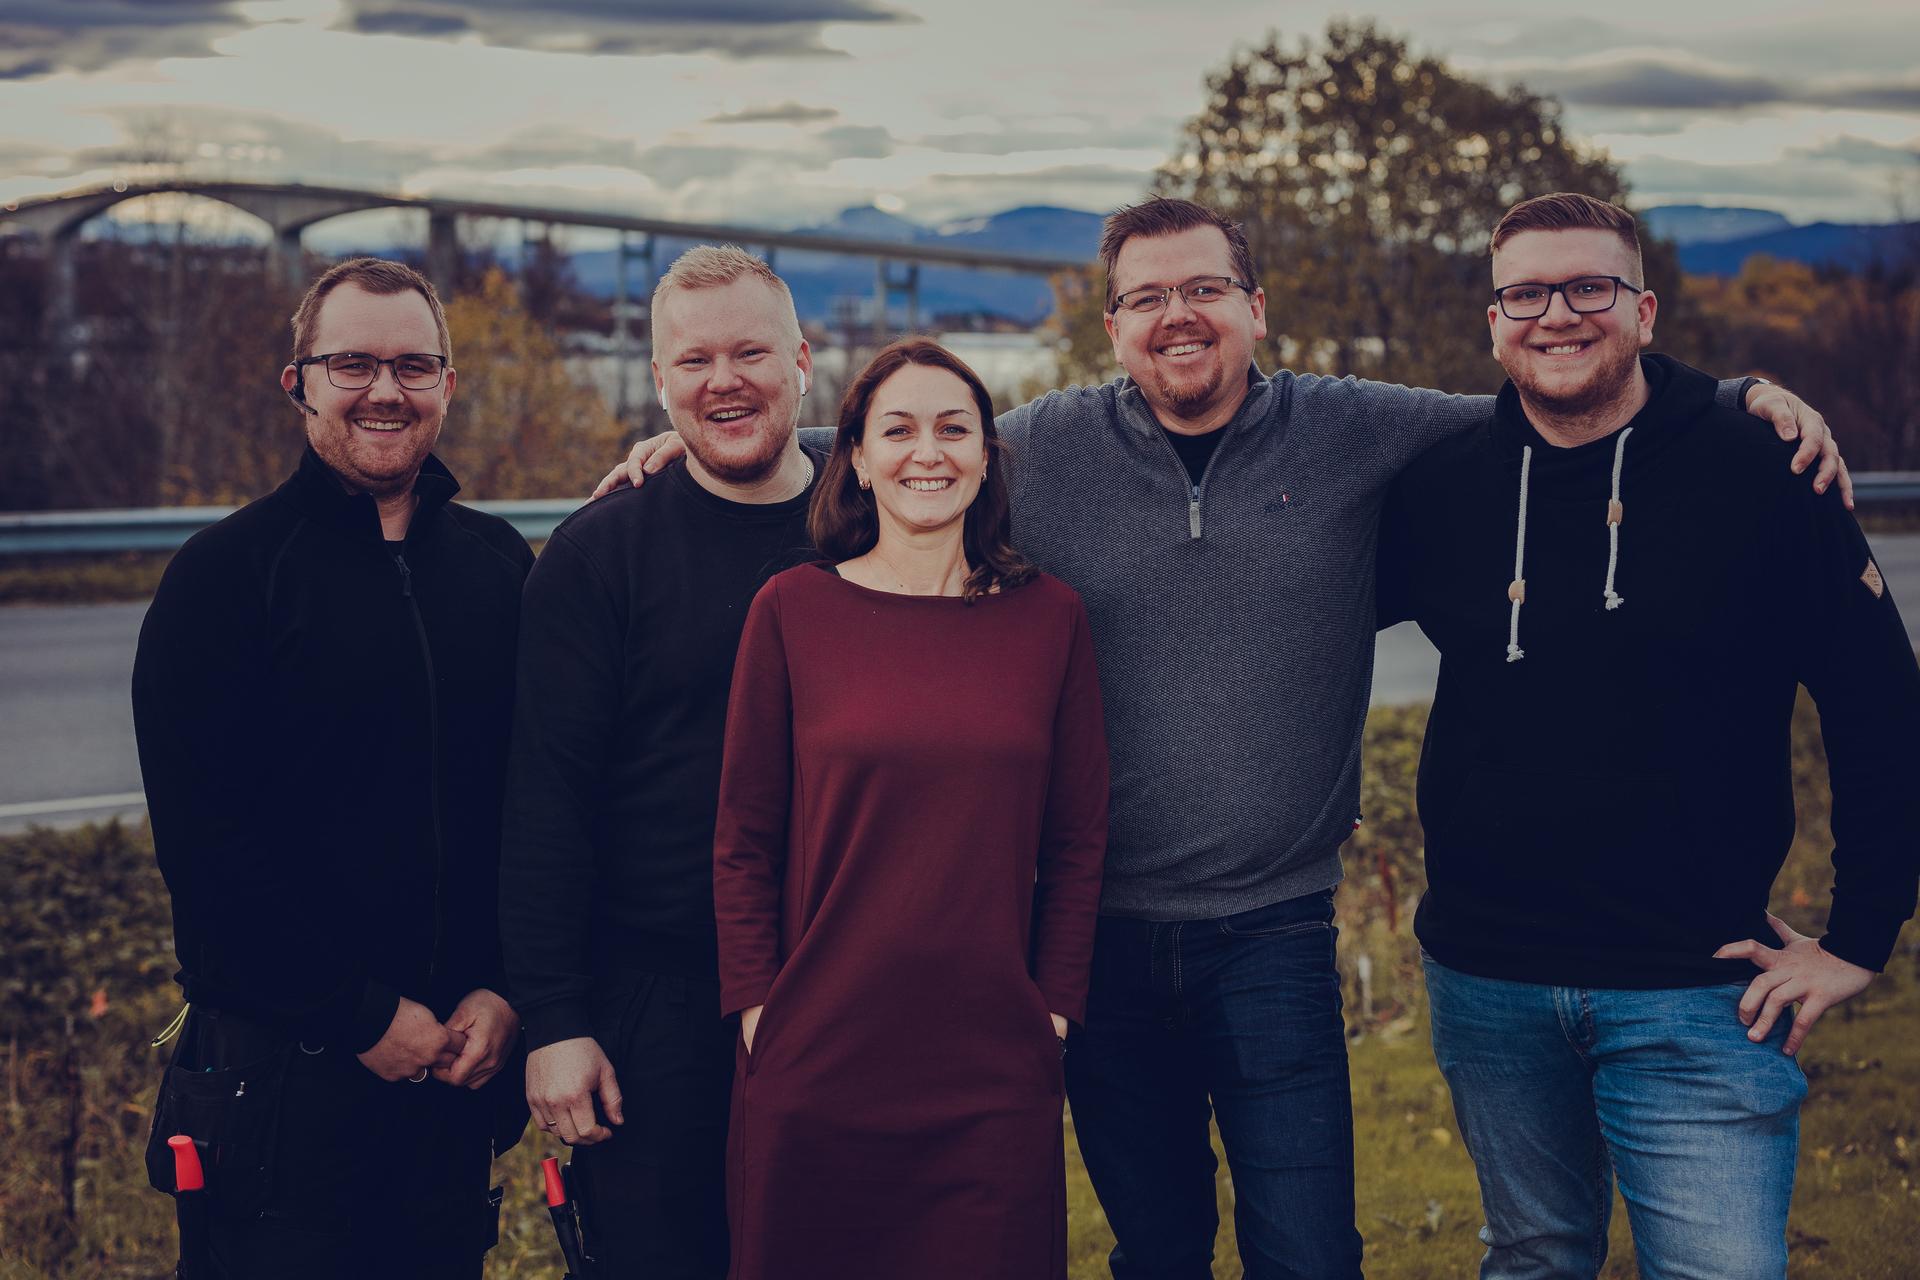 Denne flotte gjengen fra Senjanett er nå blitt en del av Signal bredbånd, et selskap i Lysekonsernet. Fra venstre, Anders Bakke, Marina Grinblat, Tom Nikolaisen og Nathaniel Johnsen fra Senja. Foto: FridaBringslimark